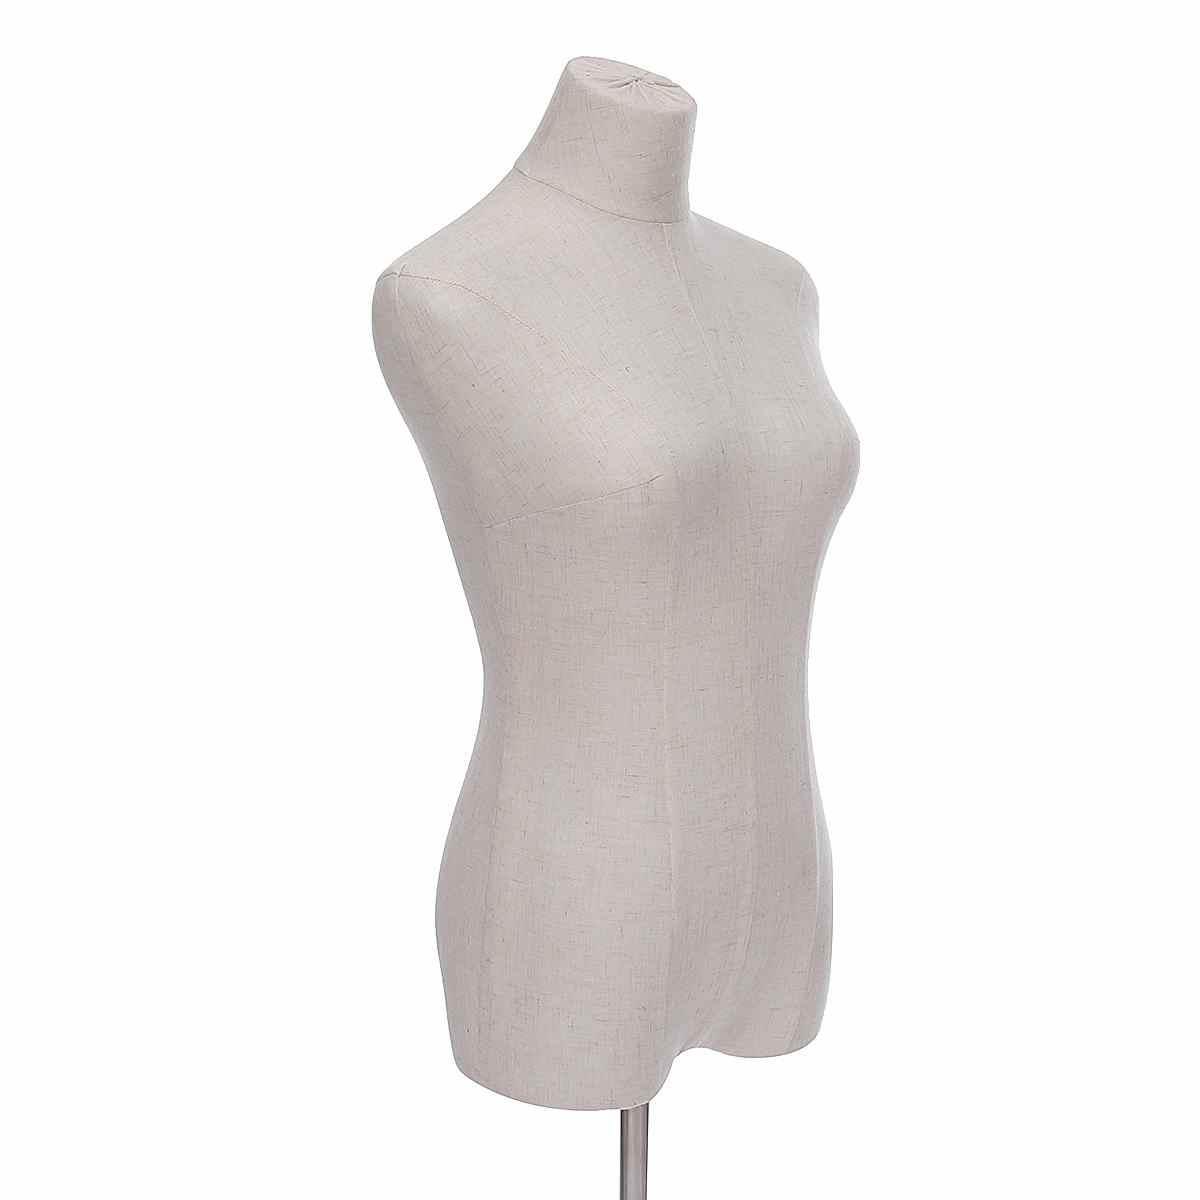 Tela de lino bien hecha vestido de tela maniquí desmontable ajustable maniquí modelo soporte accesorios para exhibición de ropa